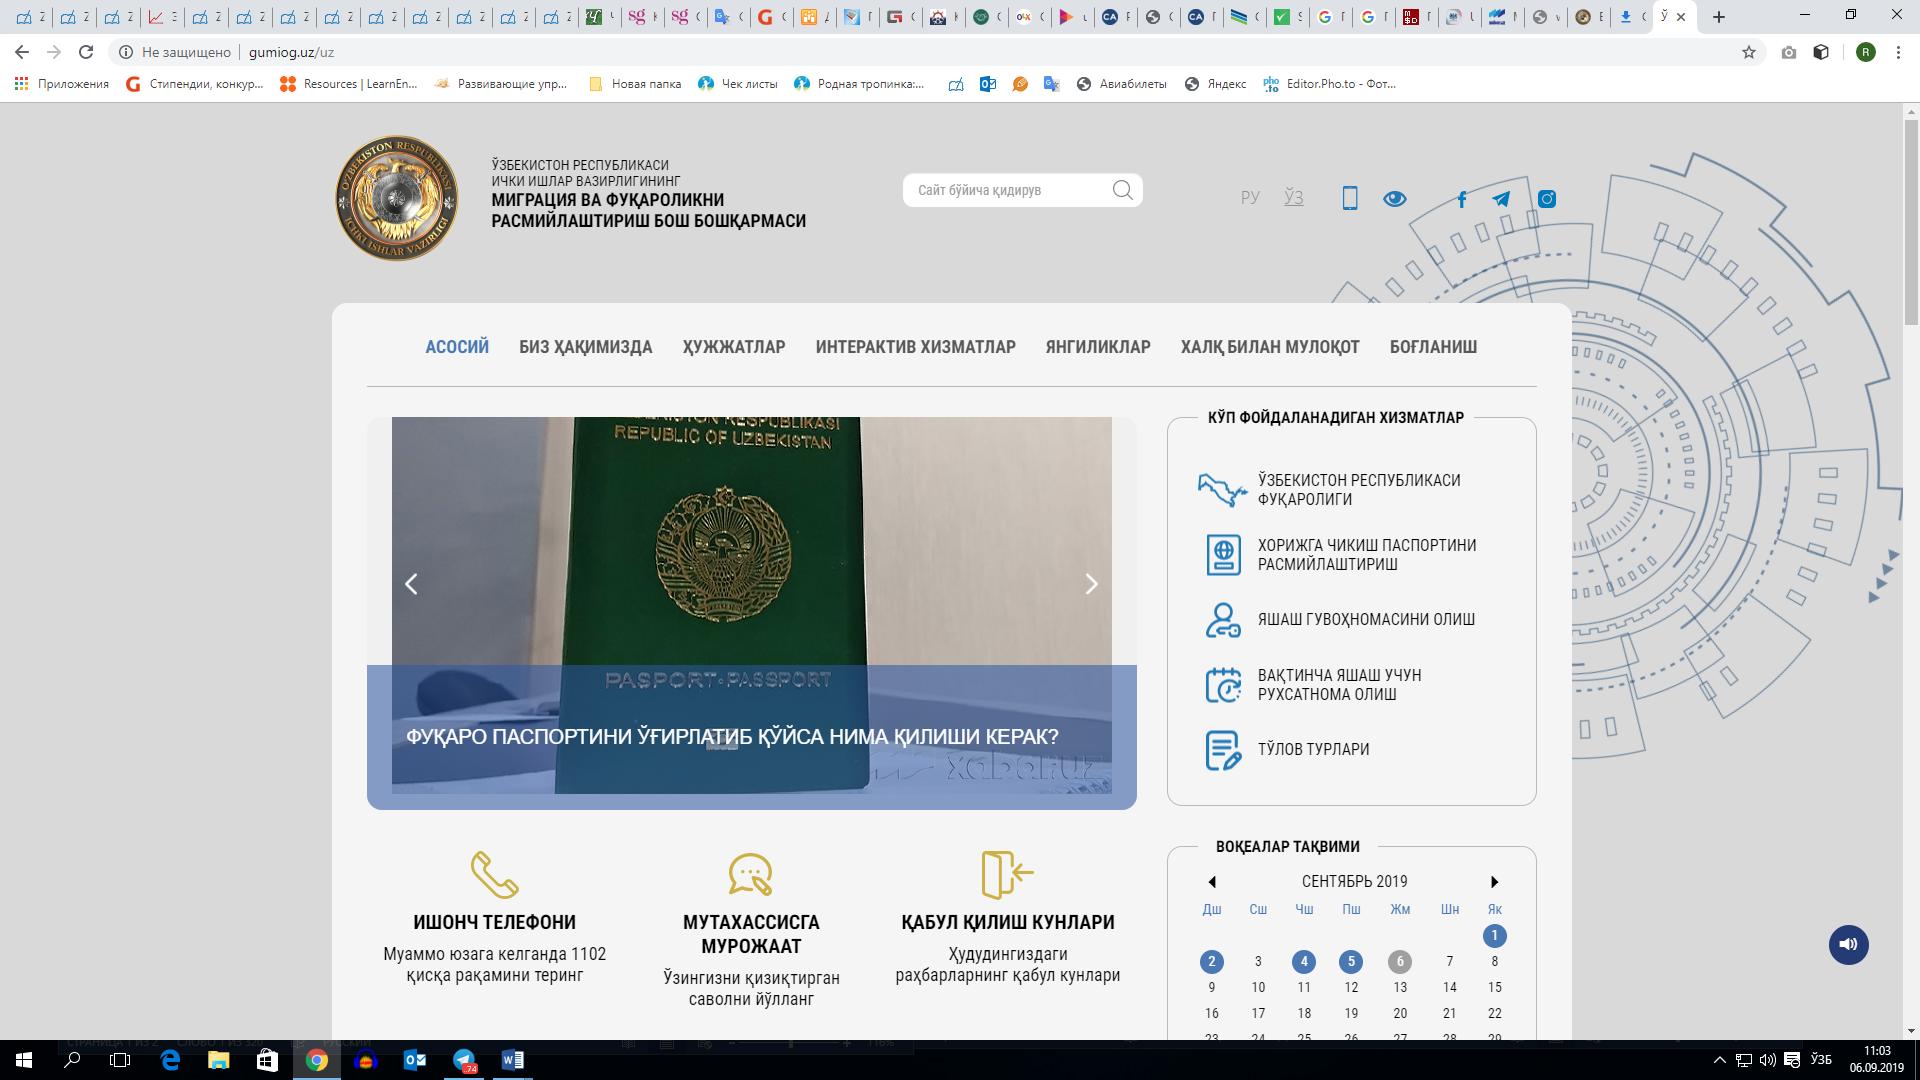 Запущен сайт Главного управления миграции и оформления гражданства министерства внутренних дел Республики Узбекистан